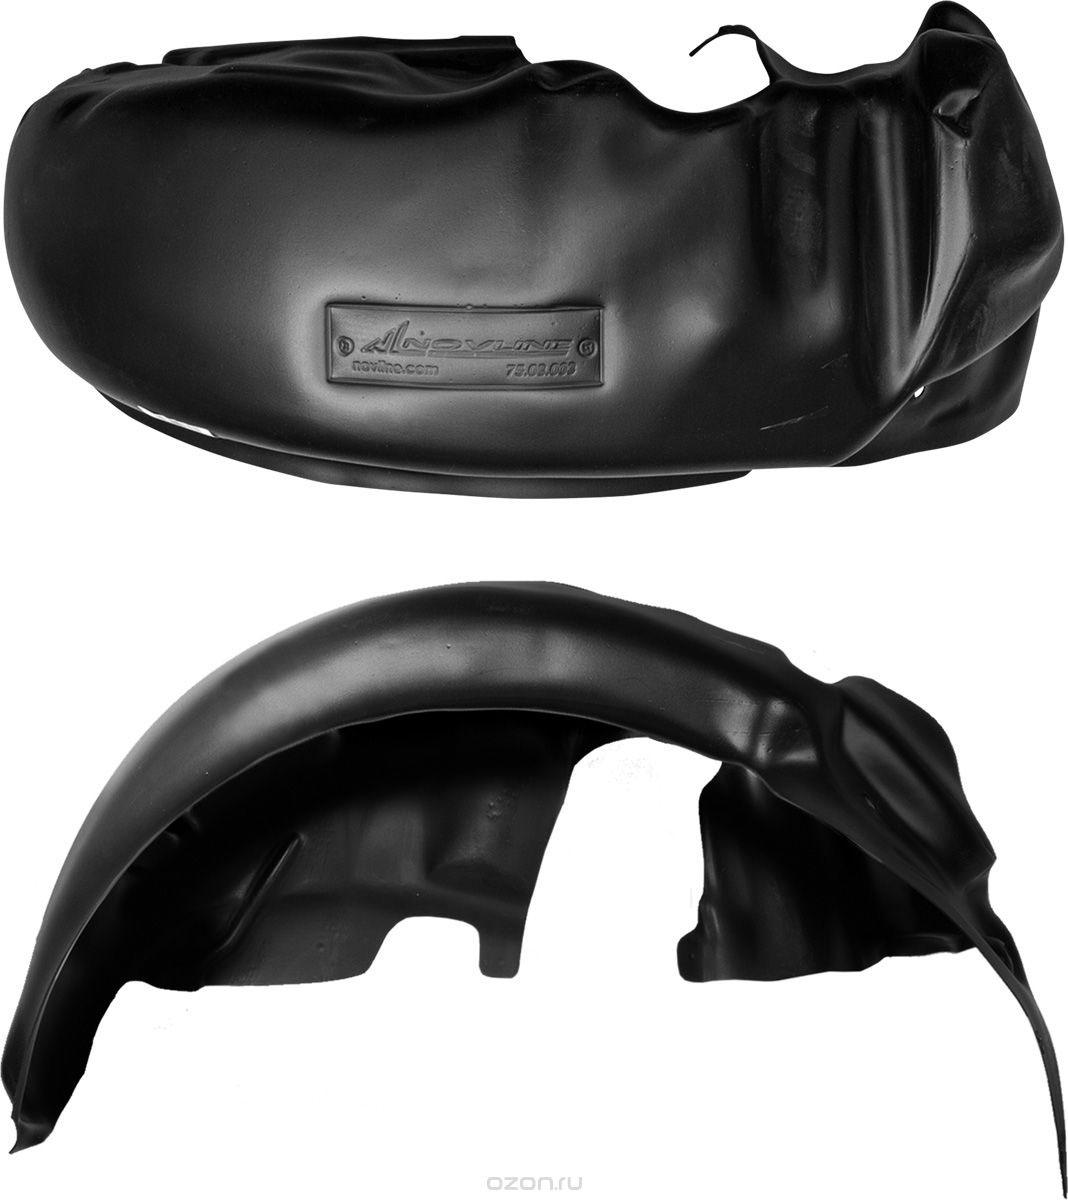 Подкрылок Novline-Autofamily, для NISSAN Pathfinder, 2014->, передний левыйNLL.36.51.001Идеальная защита колесной ниши. Локеры разработаны с применением цифровых технологий, гарантируют максимальную повторяемость поверхности арки. Изделия устанавливаются без нарушения лакокрасочного покрытия автомобиля, каждый подкрылок комплектуется крепежом. Уважаемые клиенты, обращаем ваше внимание, что фотографии на подкрылки универсальные и не отражают реальную форму изделия. При этом само изделие идет точно под размер указанного автомобиля.